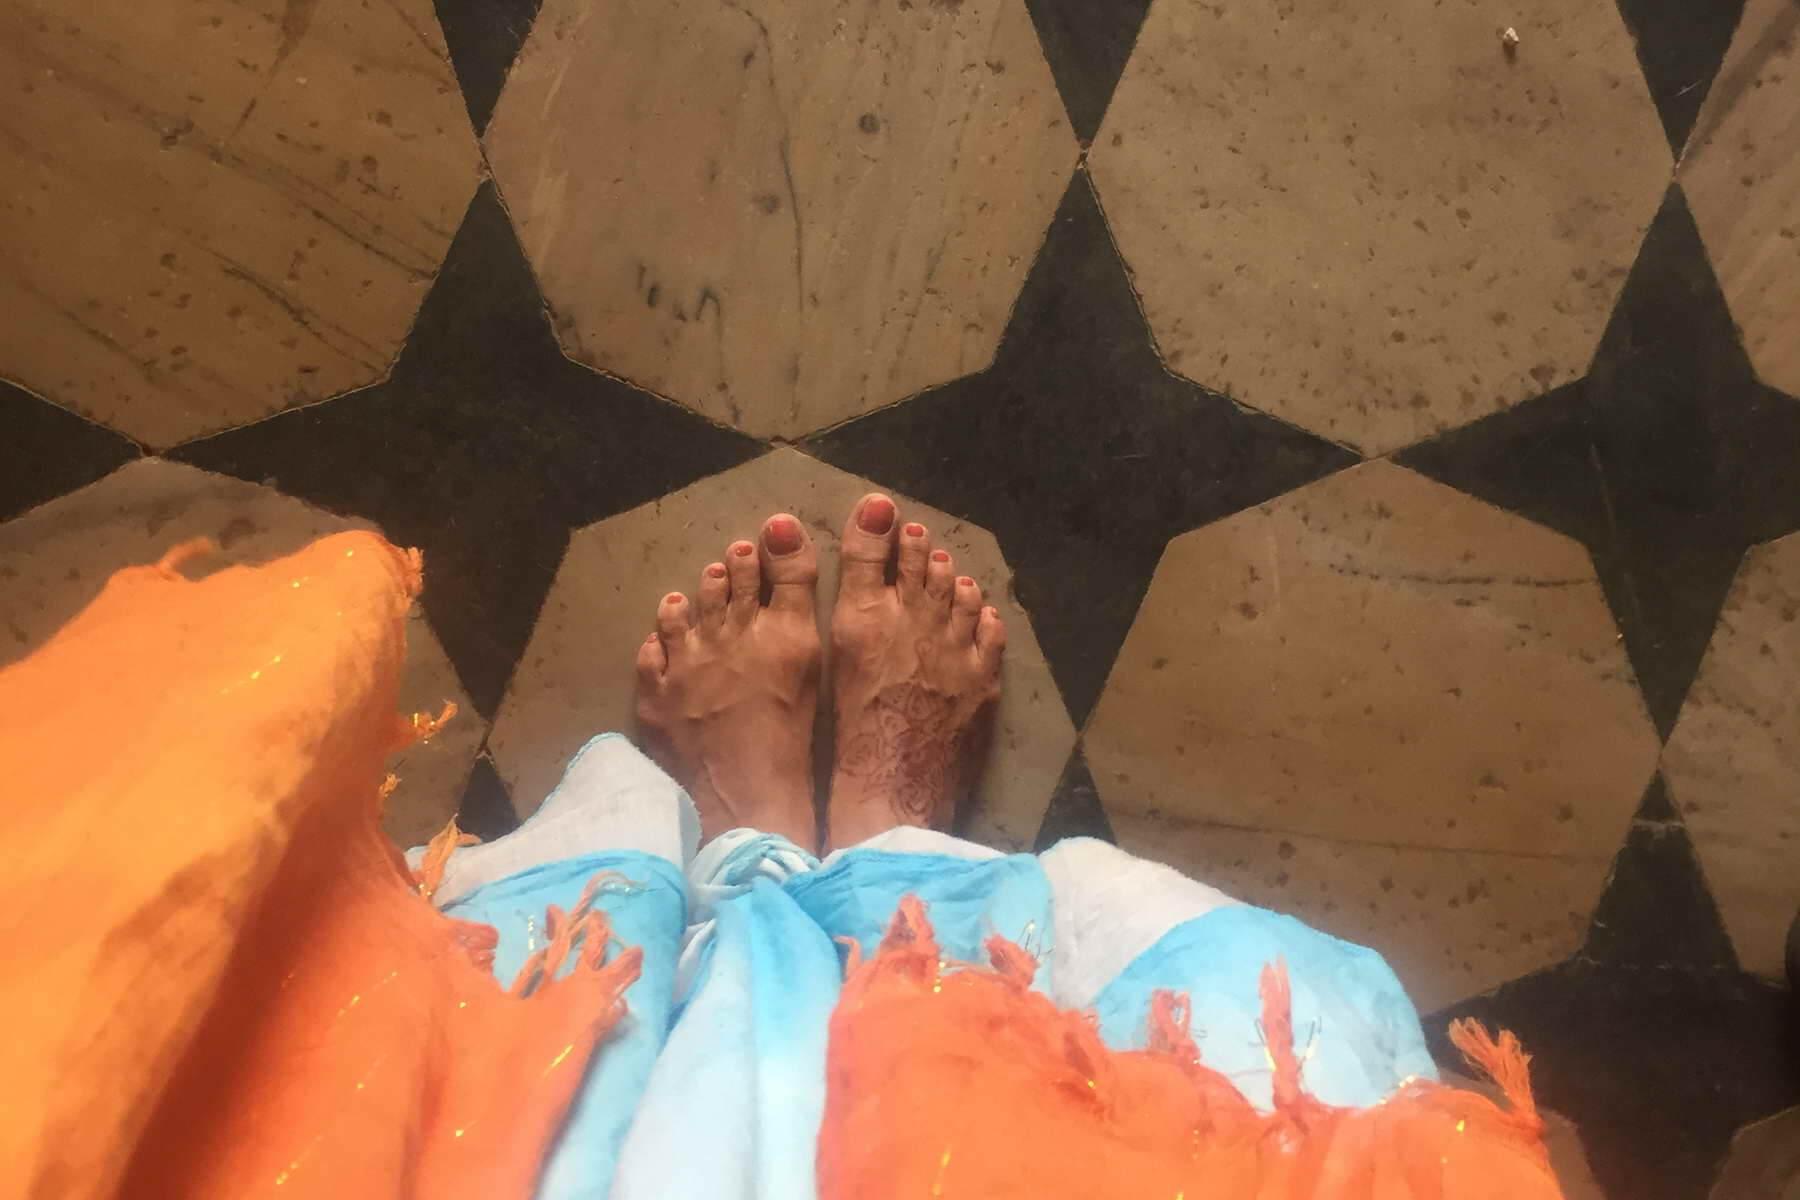 Die Tempel in Indien dürfen nur Barfuss betreten werden